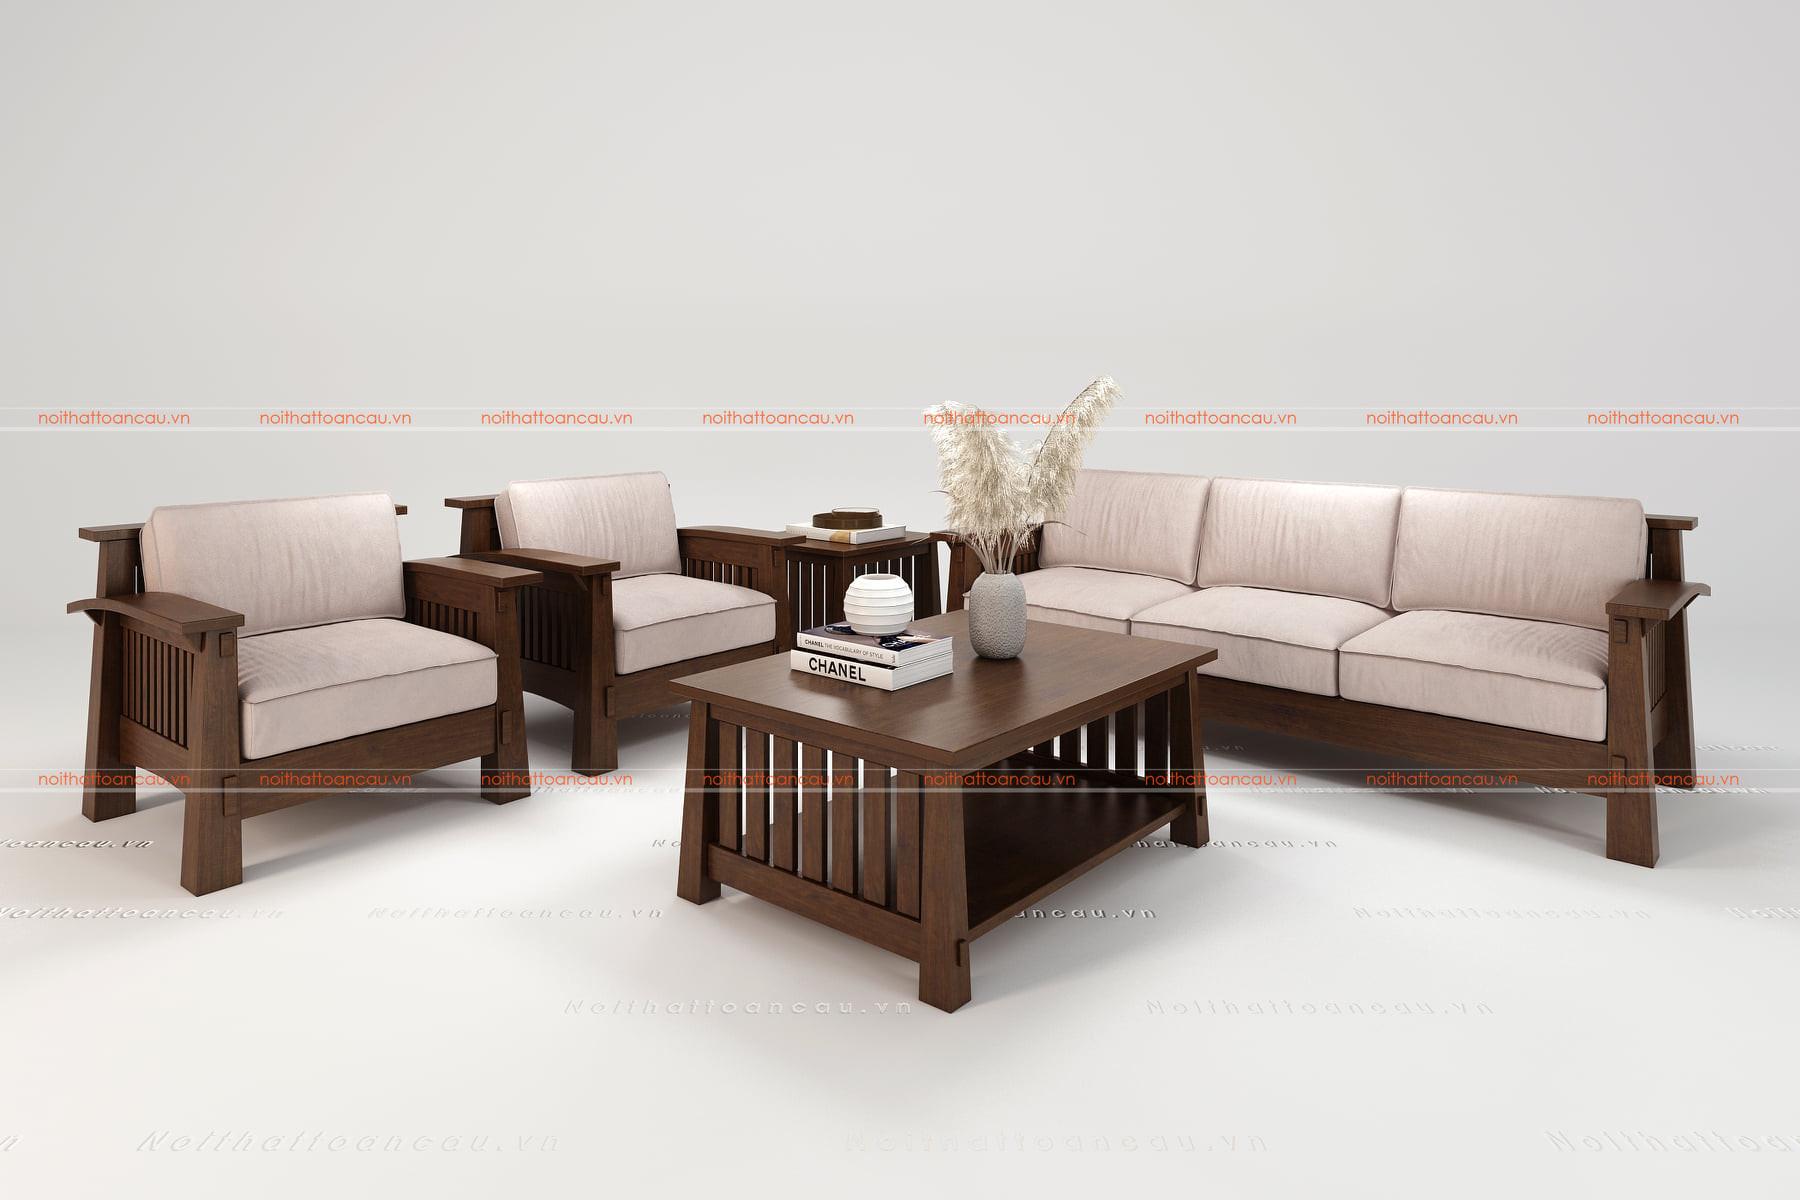 Bàn ghế gỗ gụ hiện đại  15